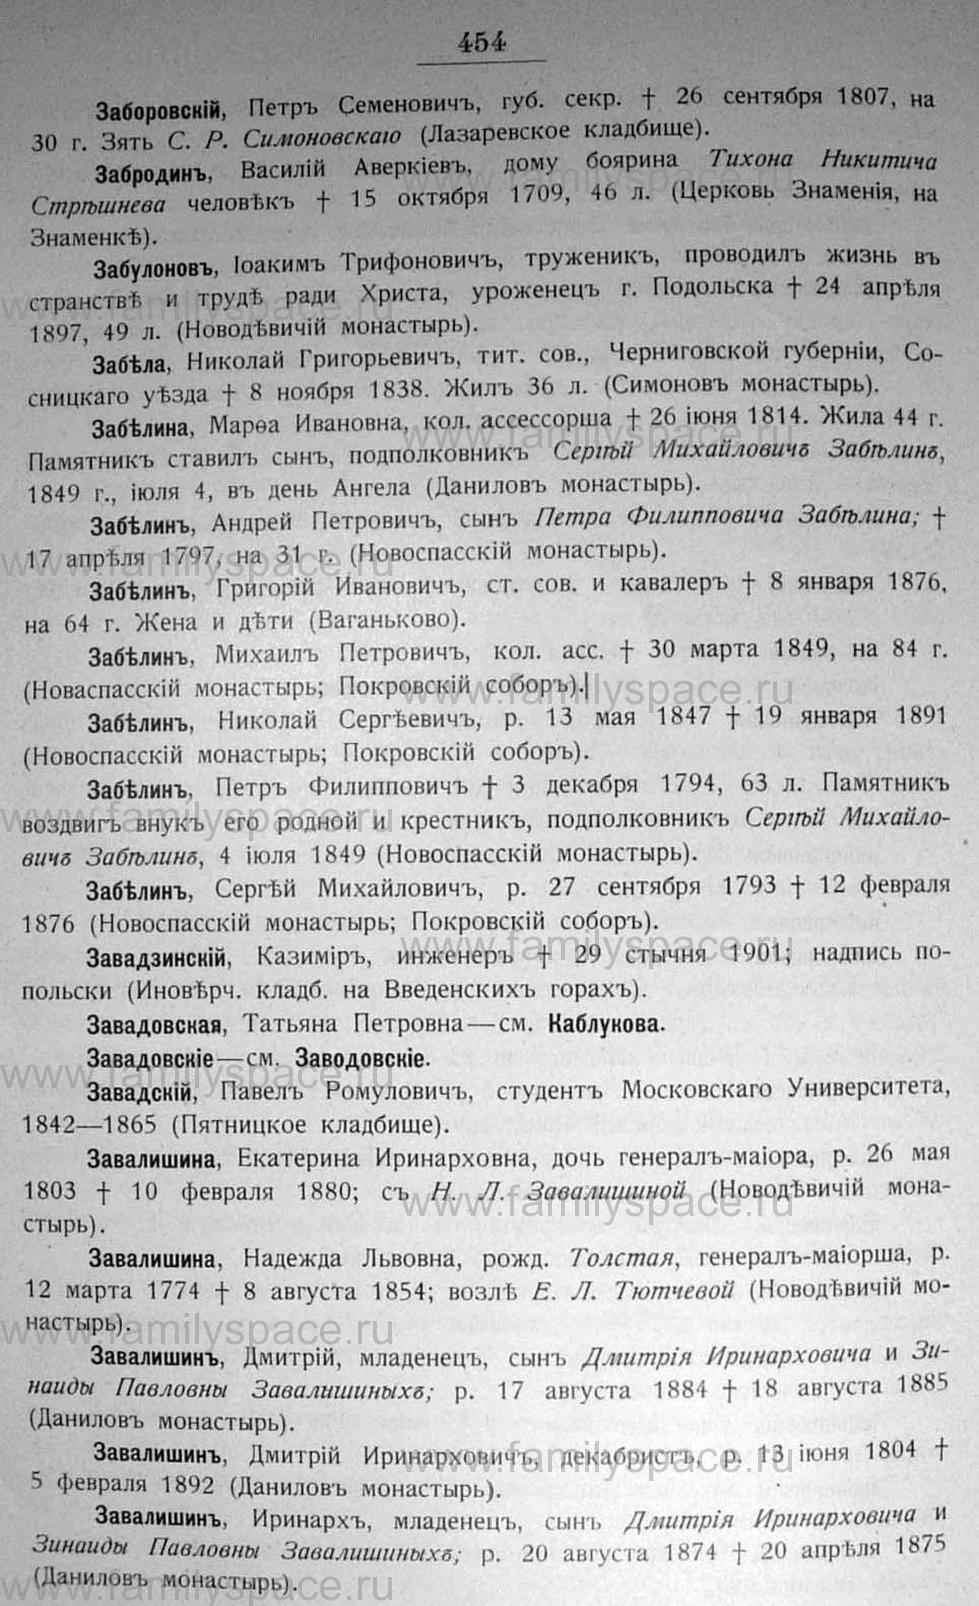 Поиск по фамилии - Московский некрополь, т.1, 1907 г., страница 2454